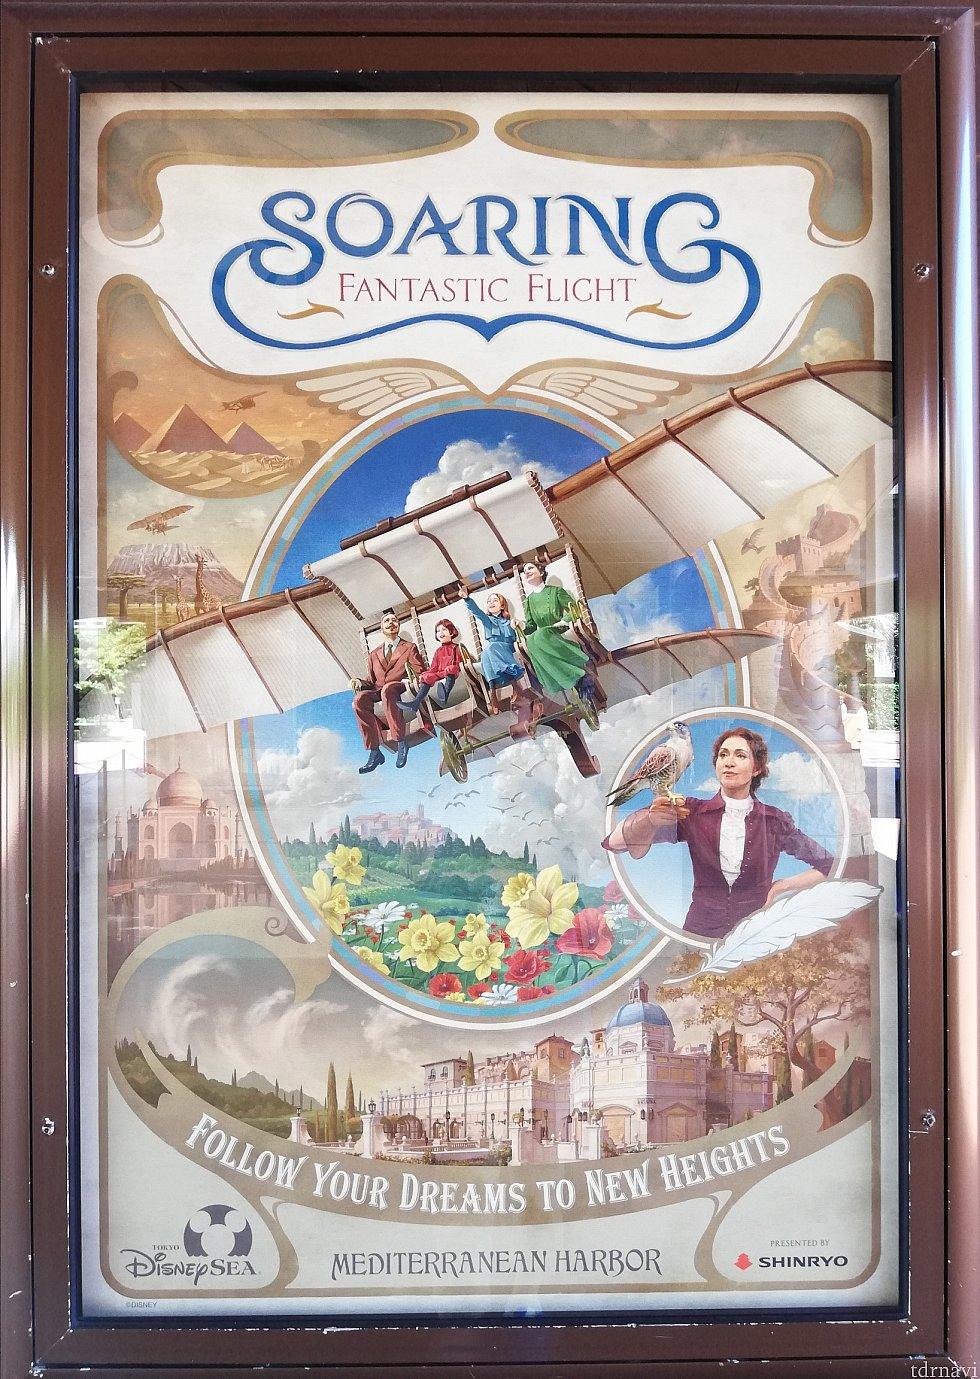 エントランスに飾られたソアリン:ファンタスティックフライトのアトラクションポスター